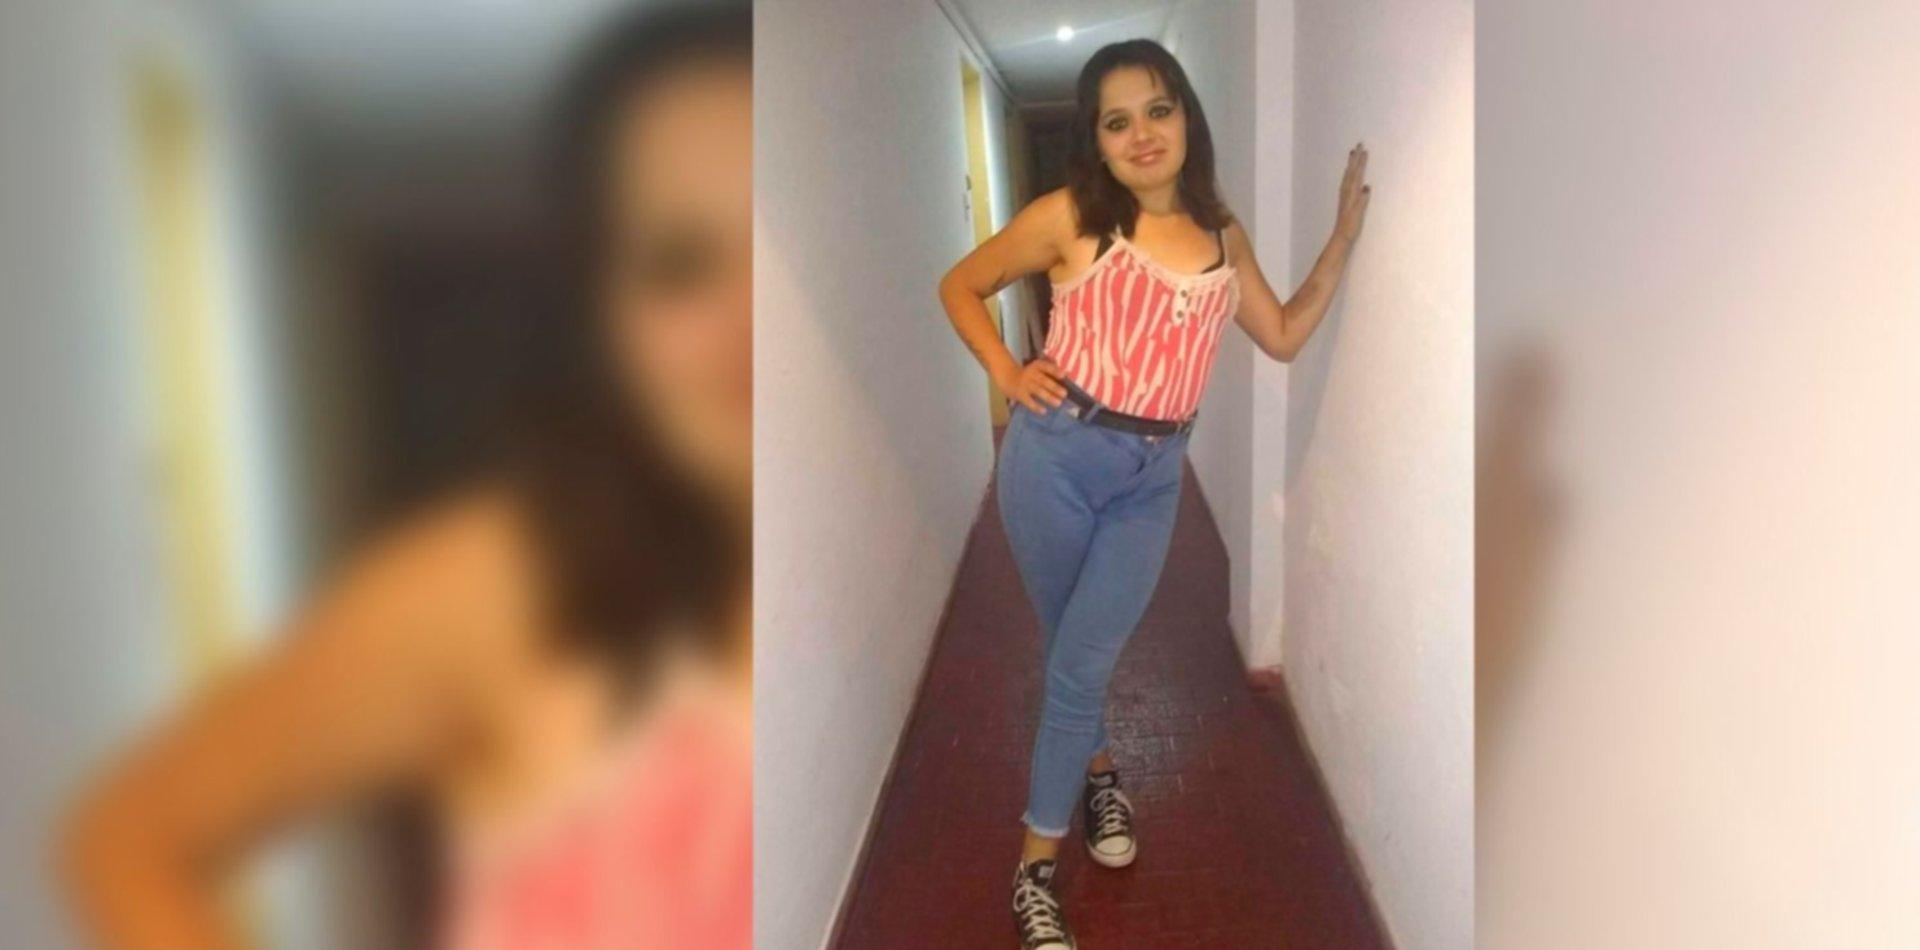 Buscan a Melody, una joven de 21 años que lleva 6 días perdida en La Plata